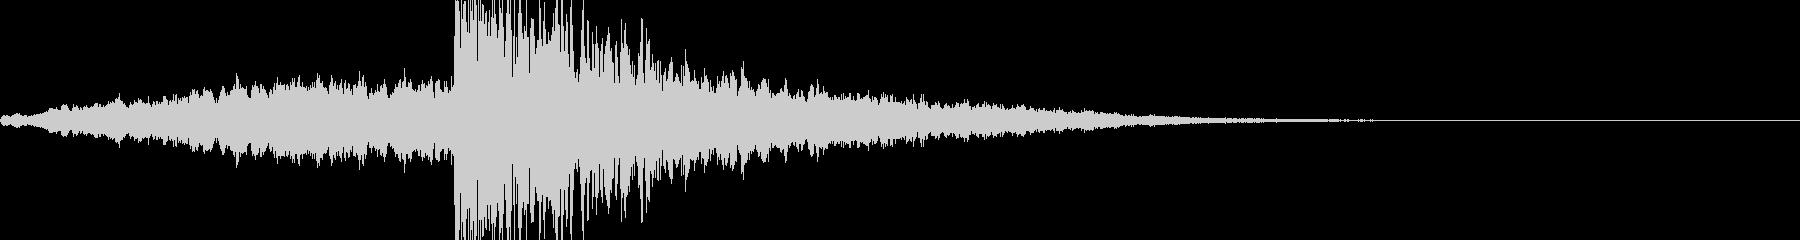 映画・映像用サウンドロゴ008の未再生の波形